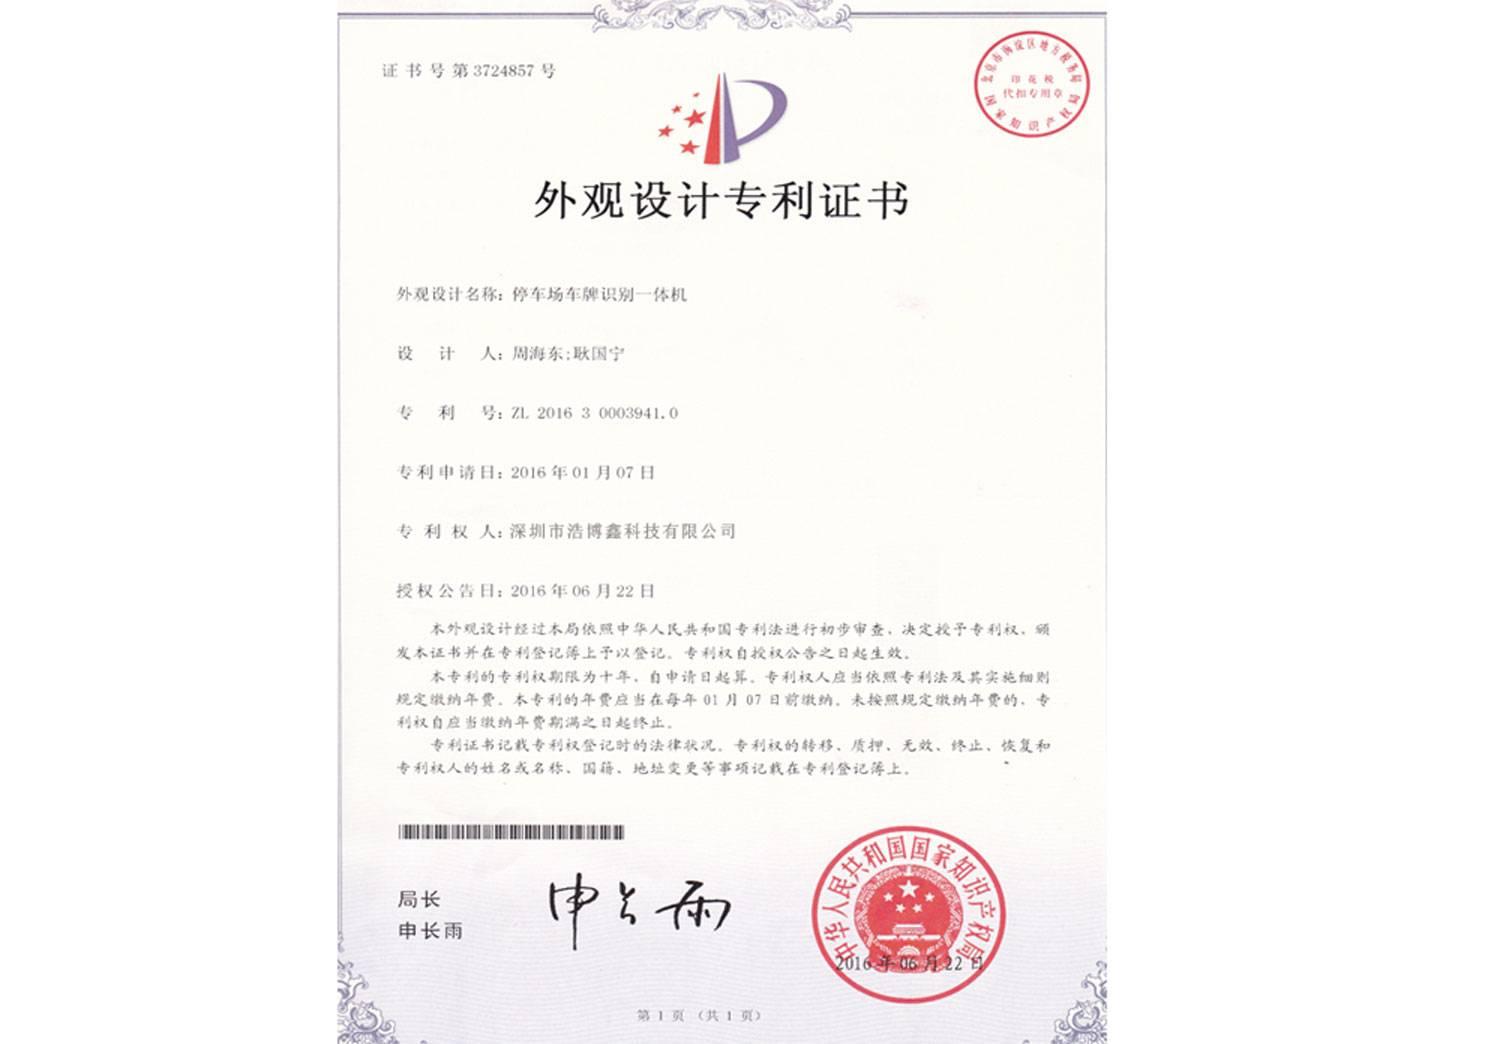 浩博鑫荣获车牌识别一体机外观专利